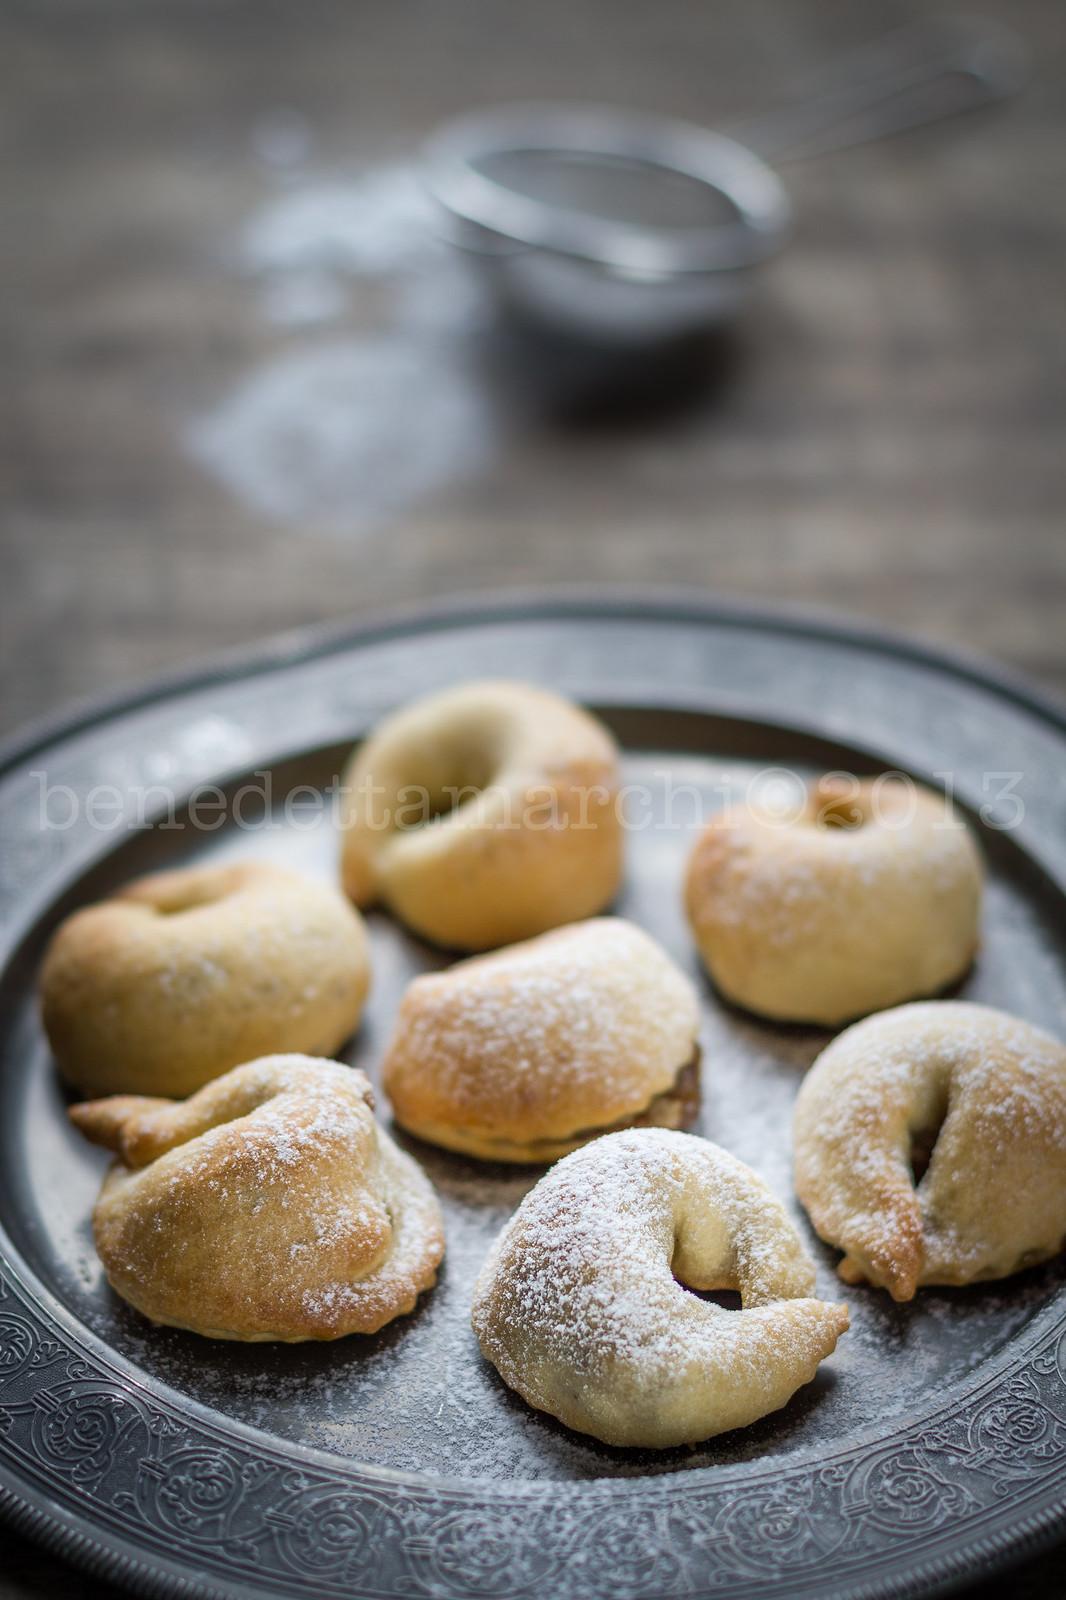 #mangiarematera pasticcini ripieni fichi, noci e pasta di mandorle